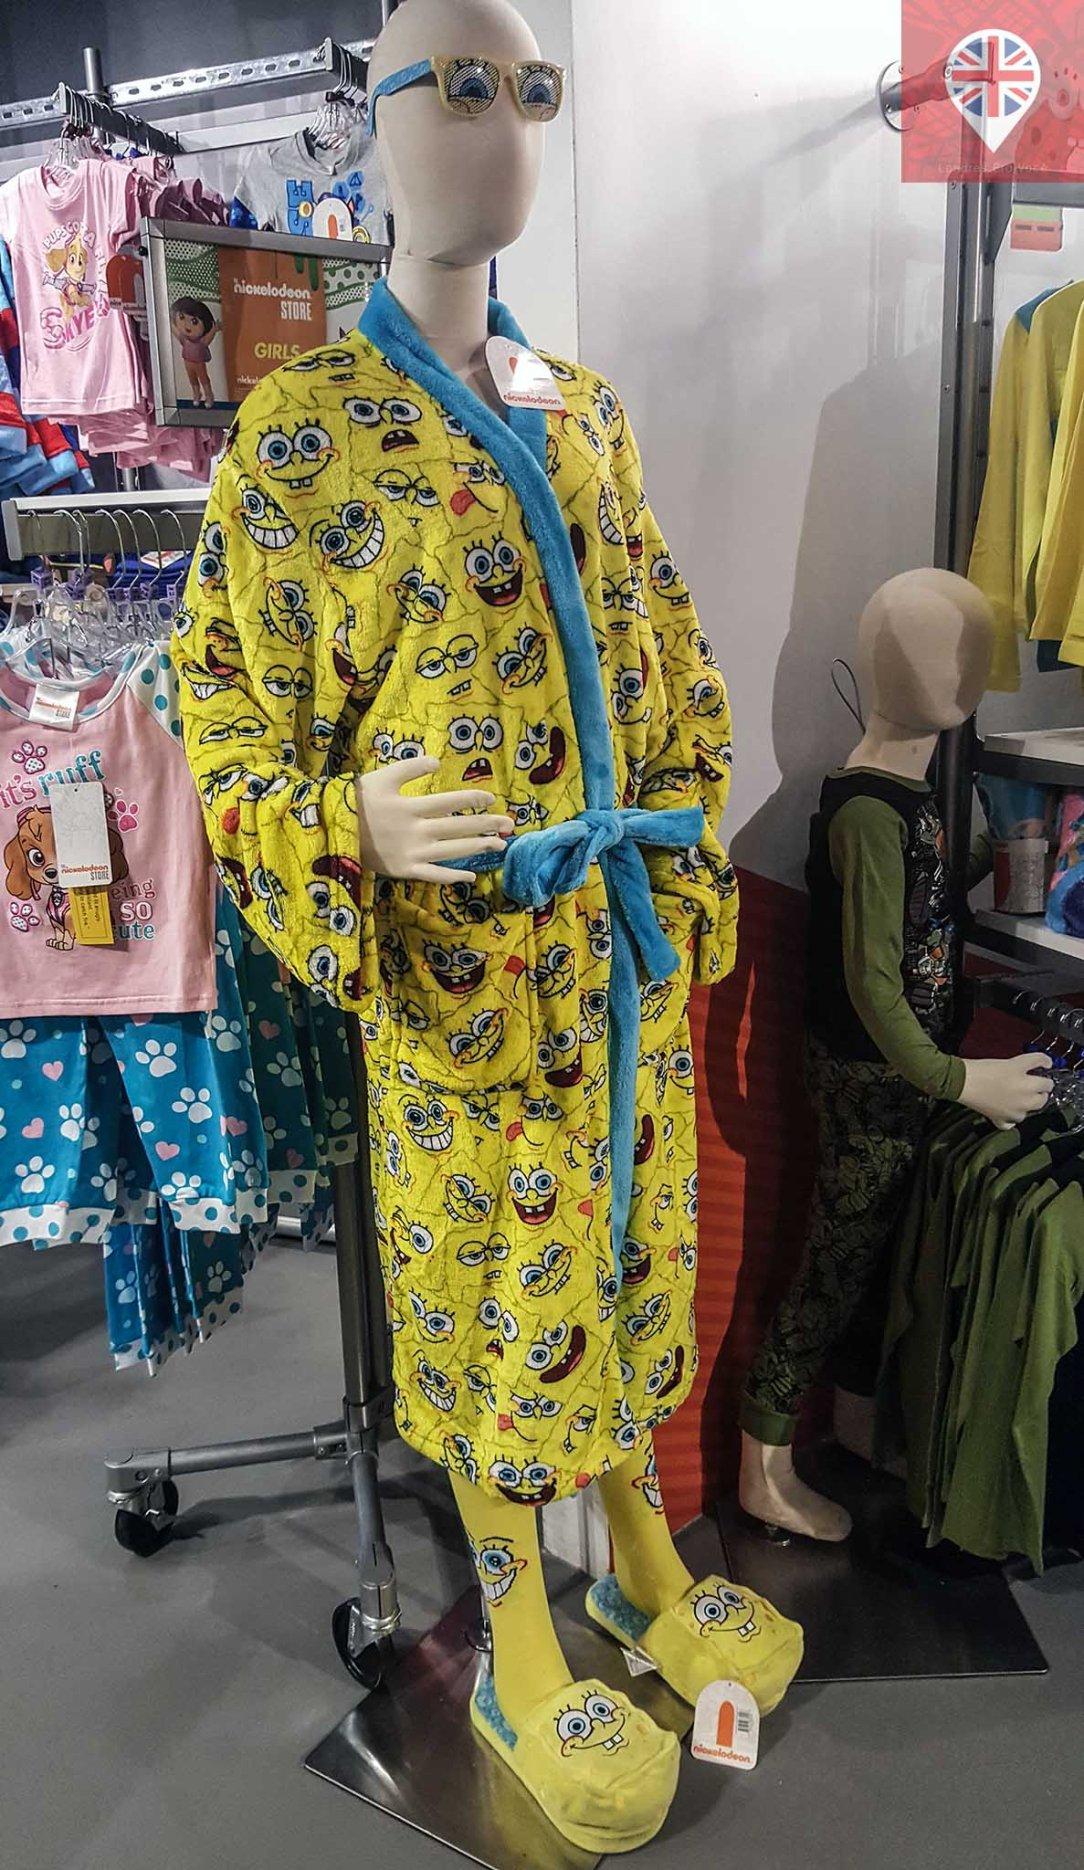 Nickelodeon store sponge bob robe